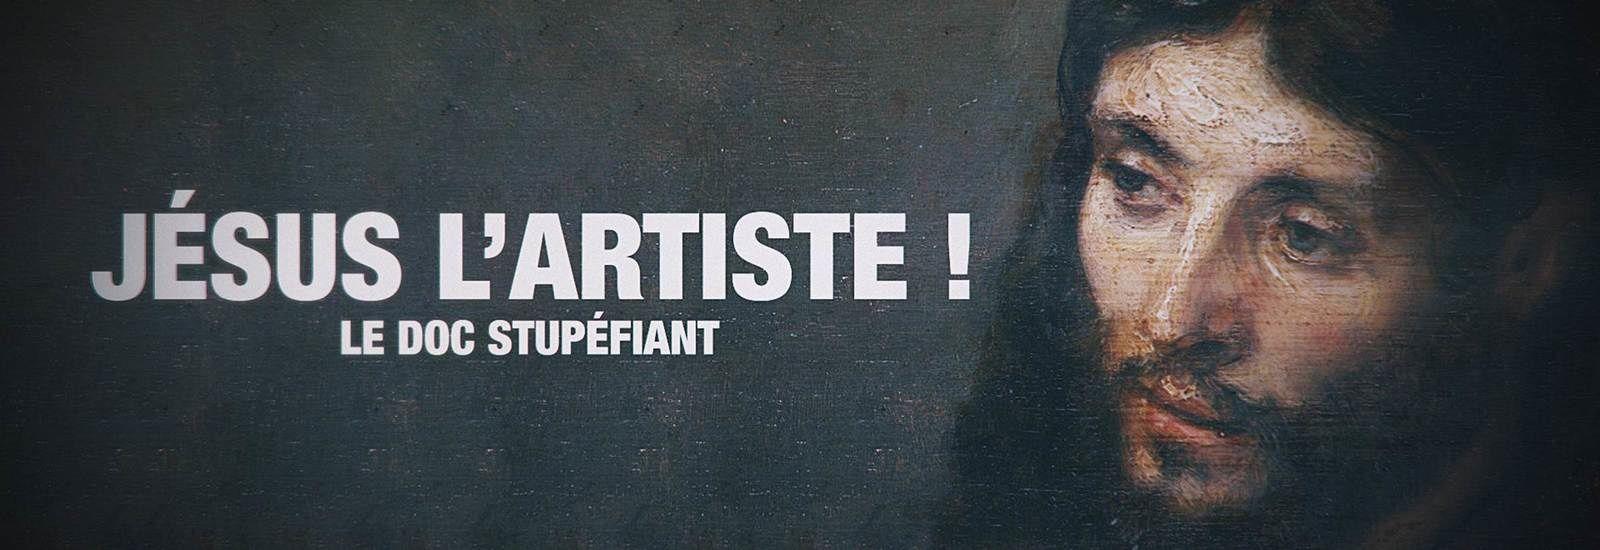 Nouveau numéro du Doc Stupéfiant ce 25 décembre sur France 5 : Jésus l'artiste.